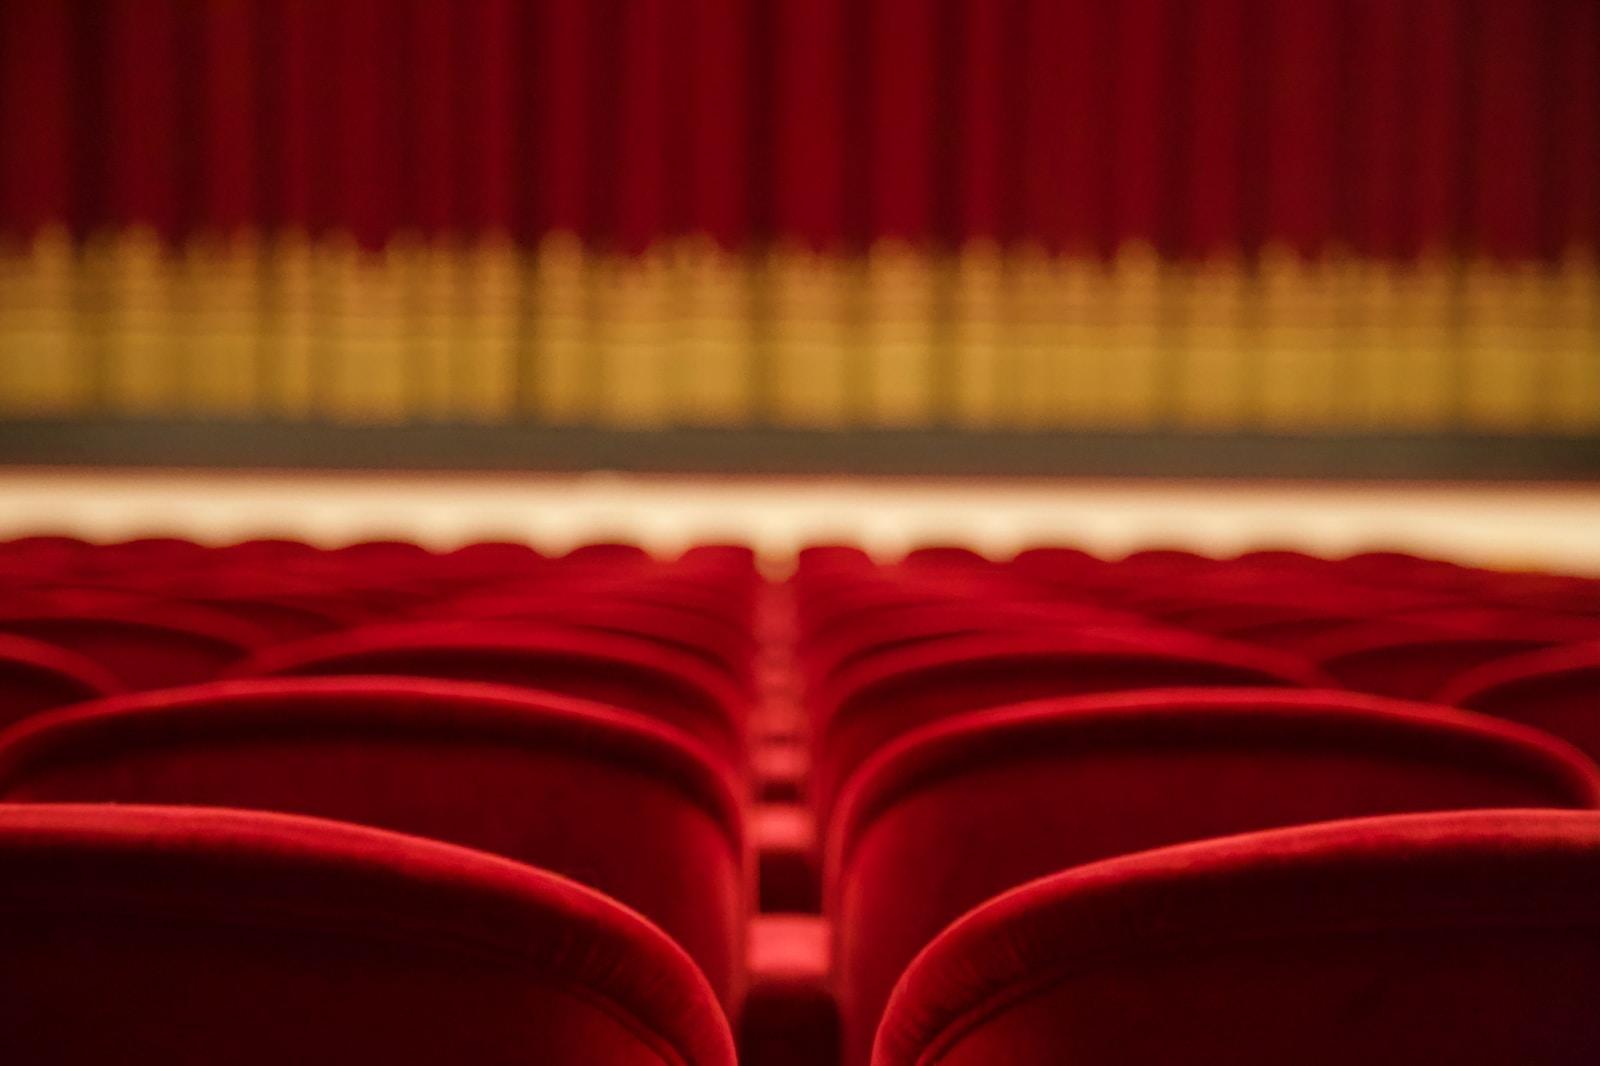 red and white stadium seats